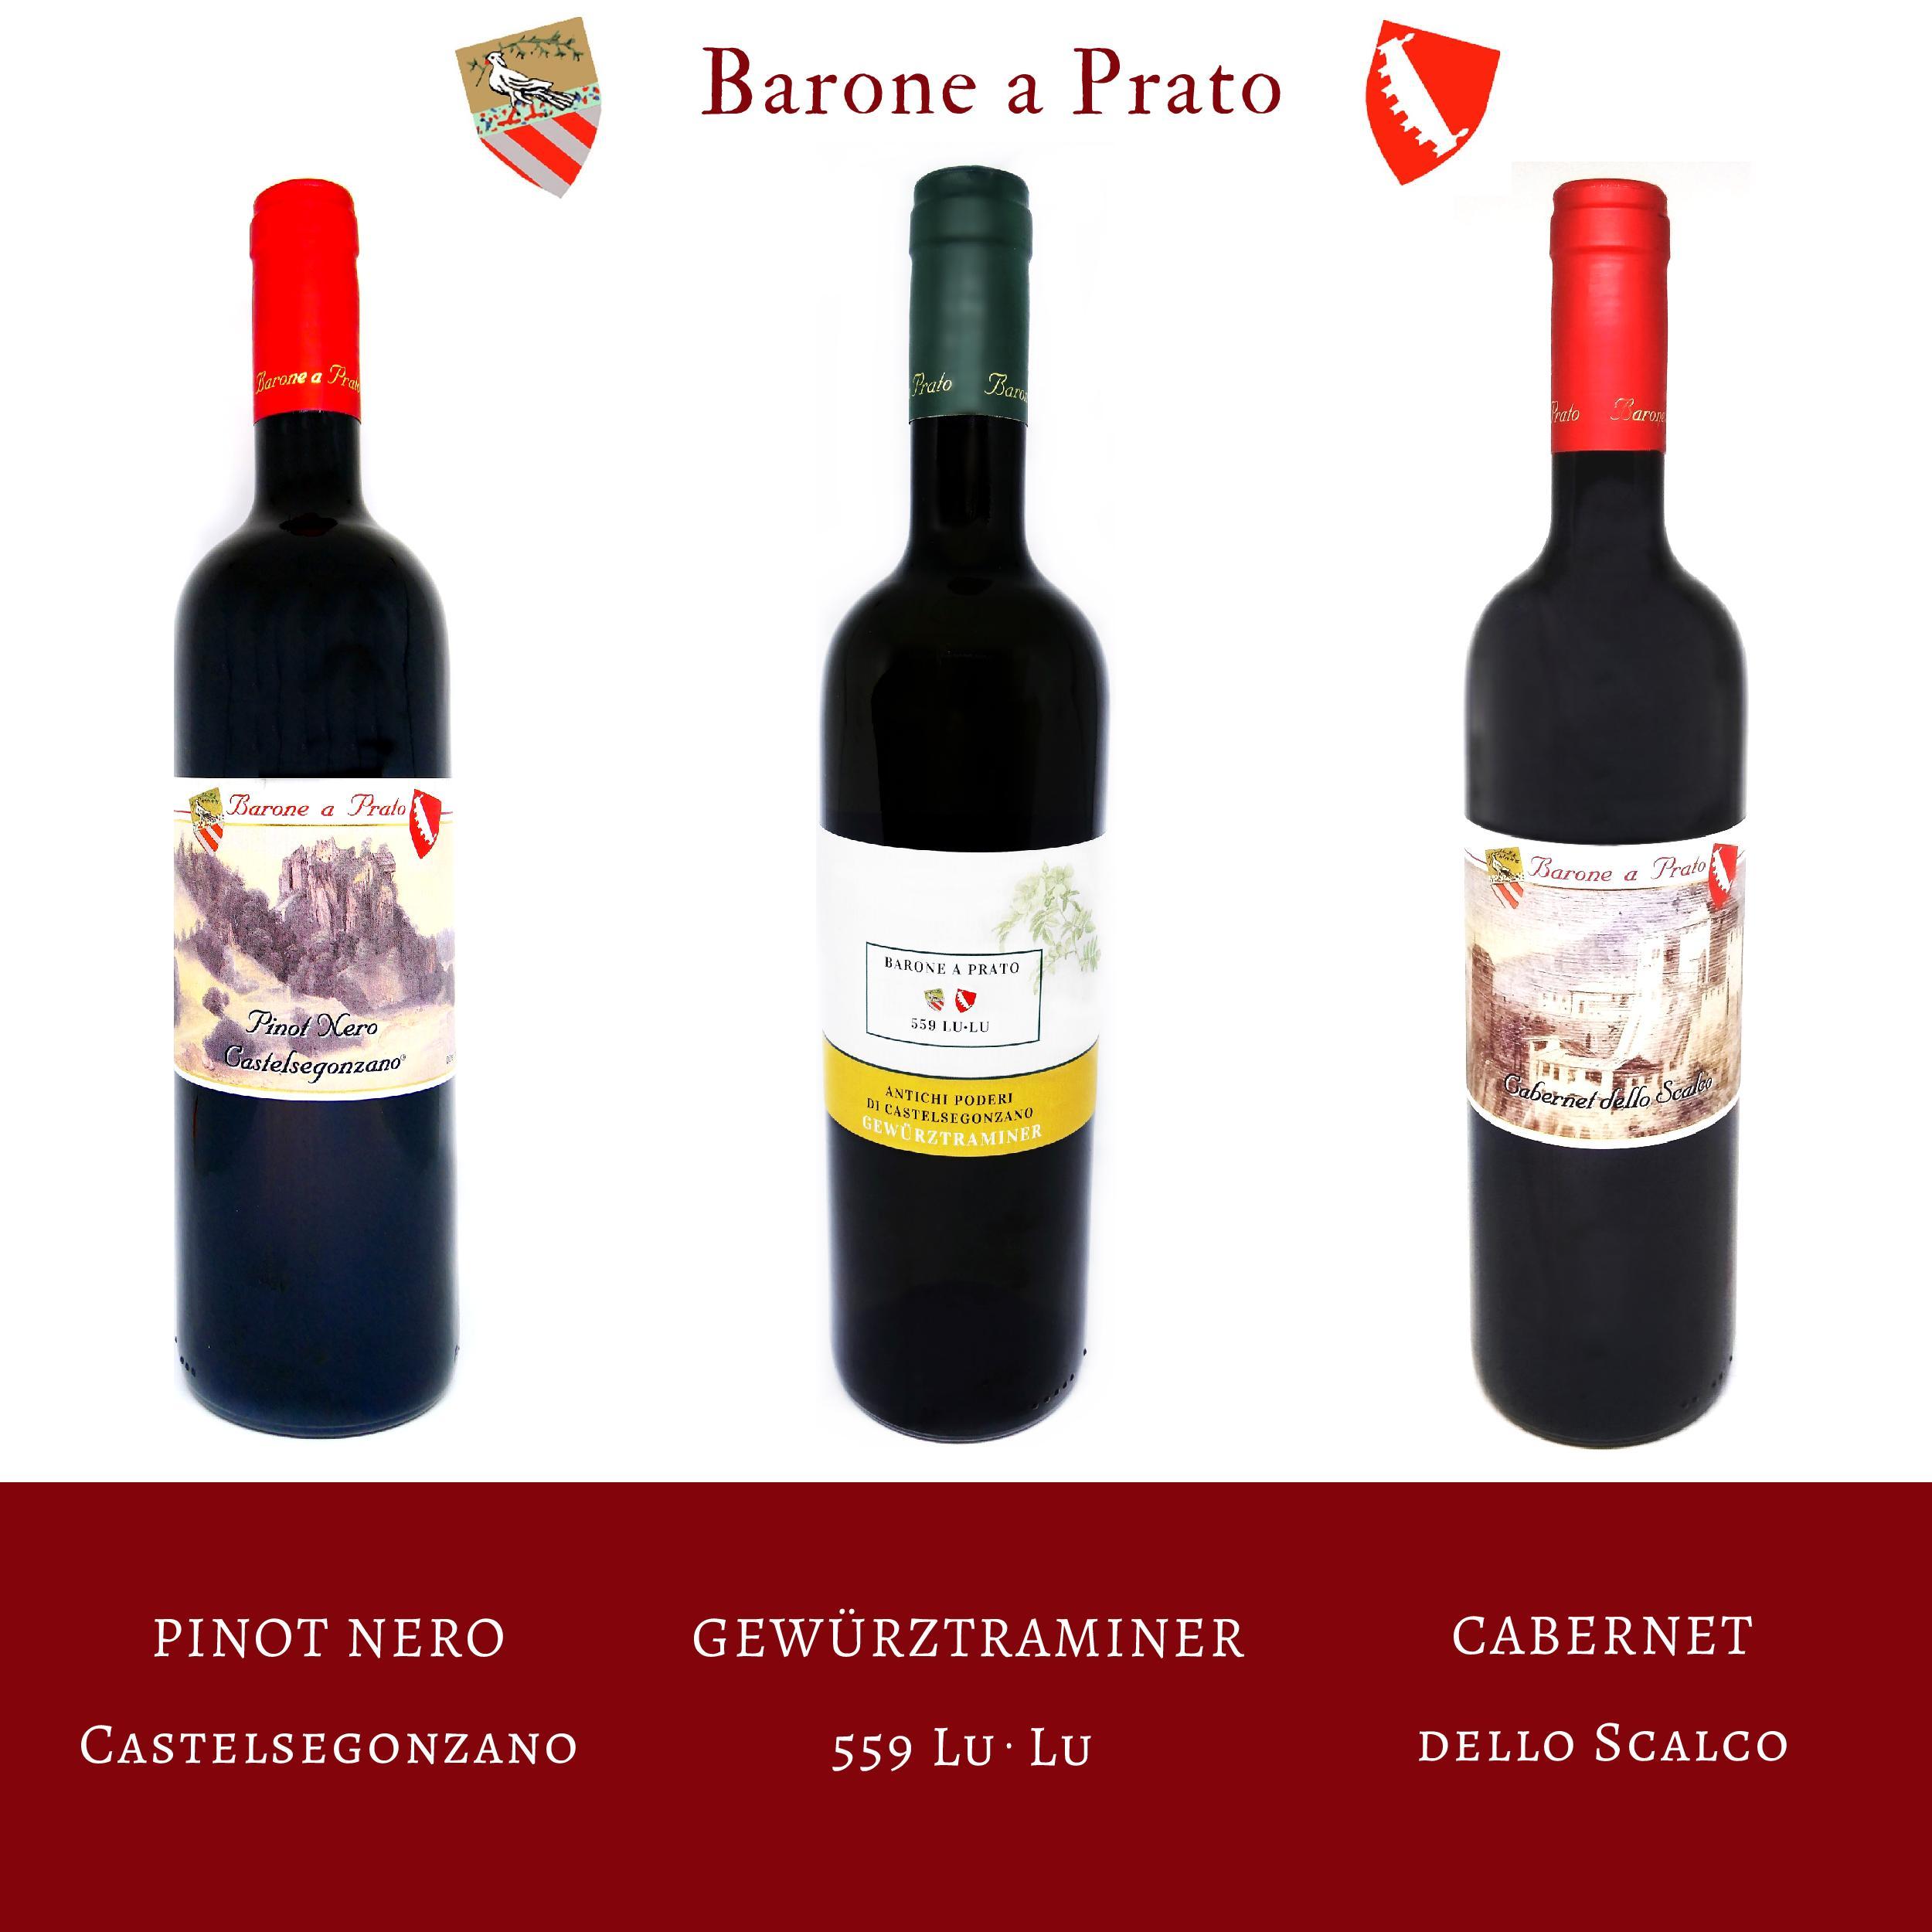 cantina Barone a Prato vini: Pinot Nero Castelsegonzano, Gewuerztrainer 559 LuLu, Cabernet dello Scalco